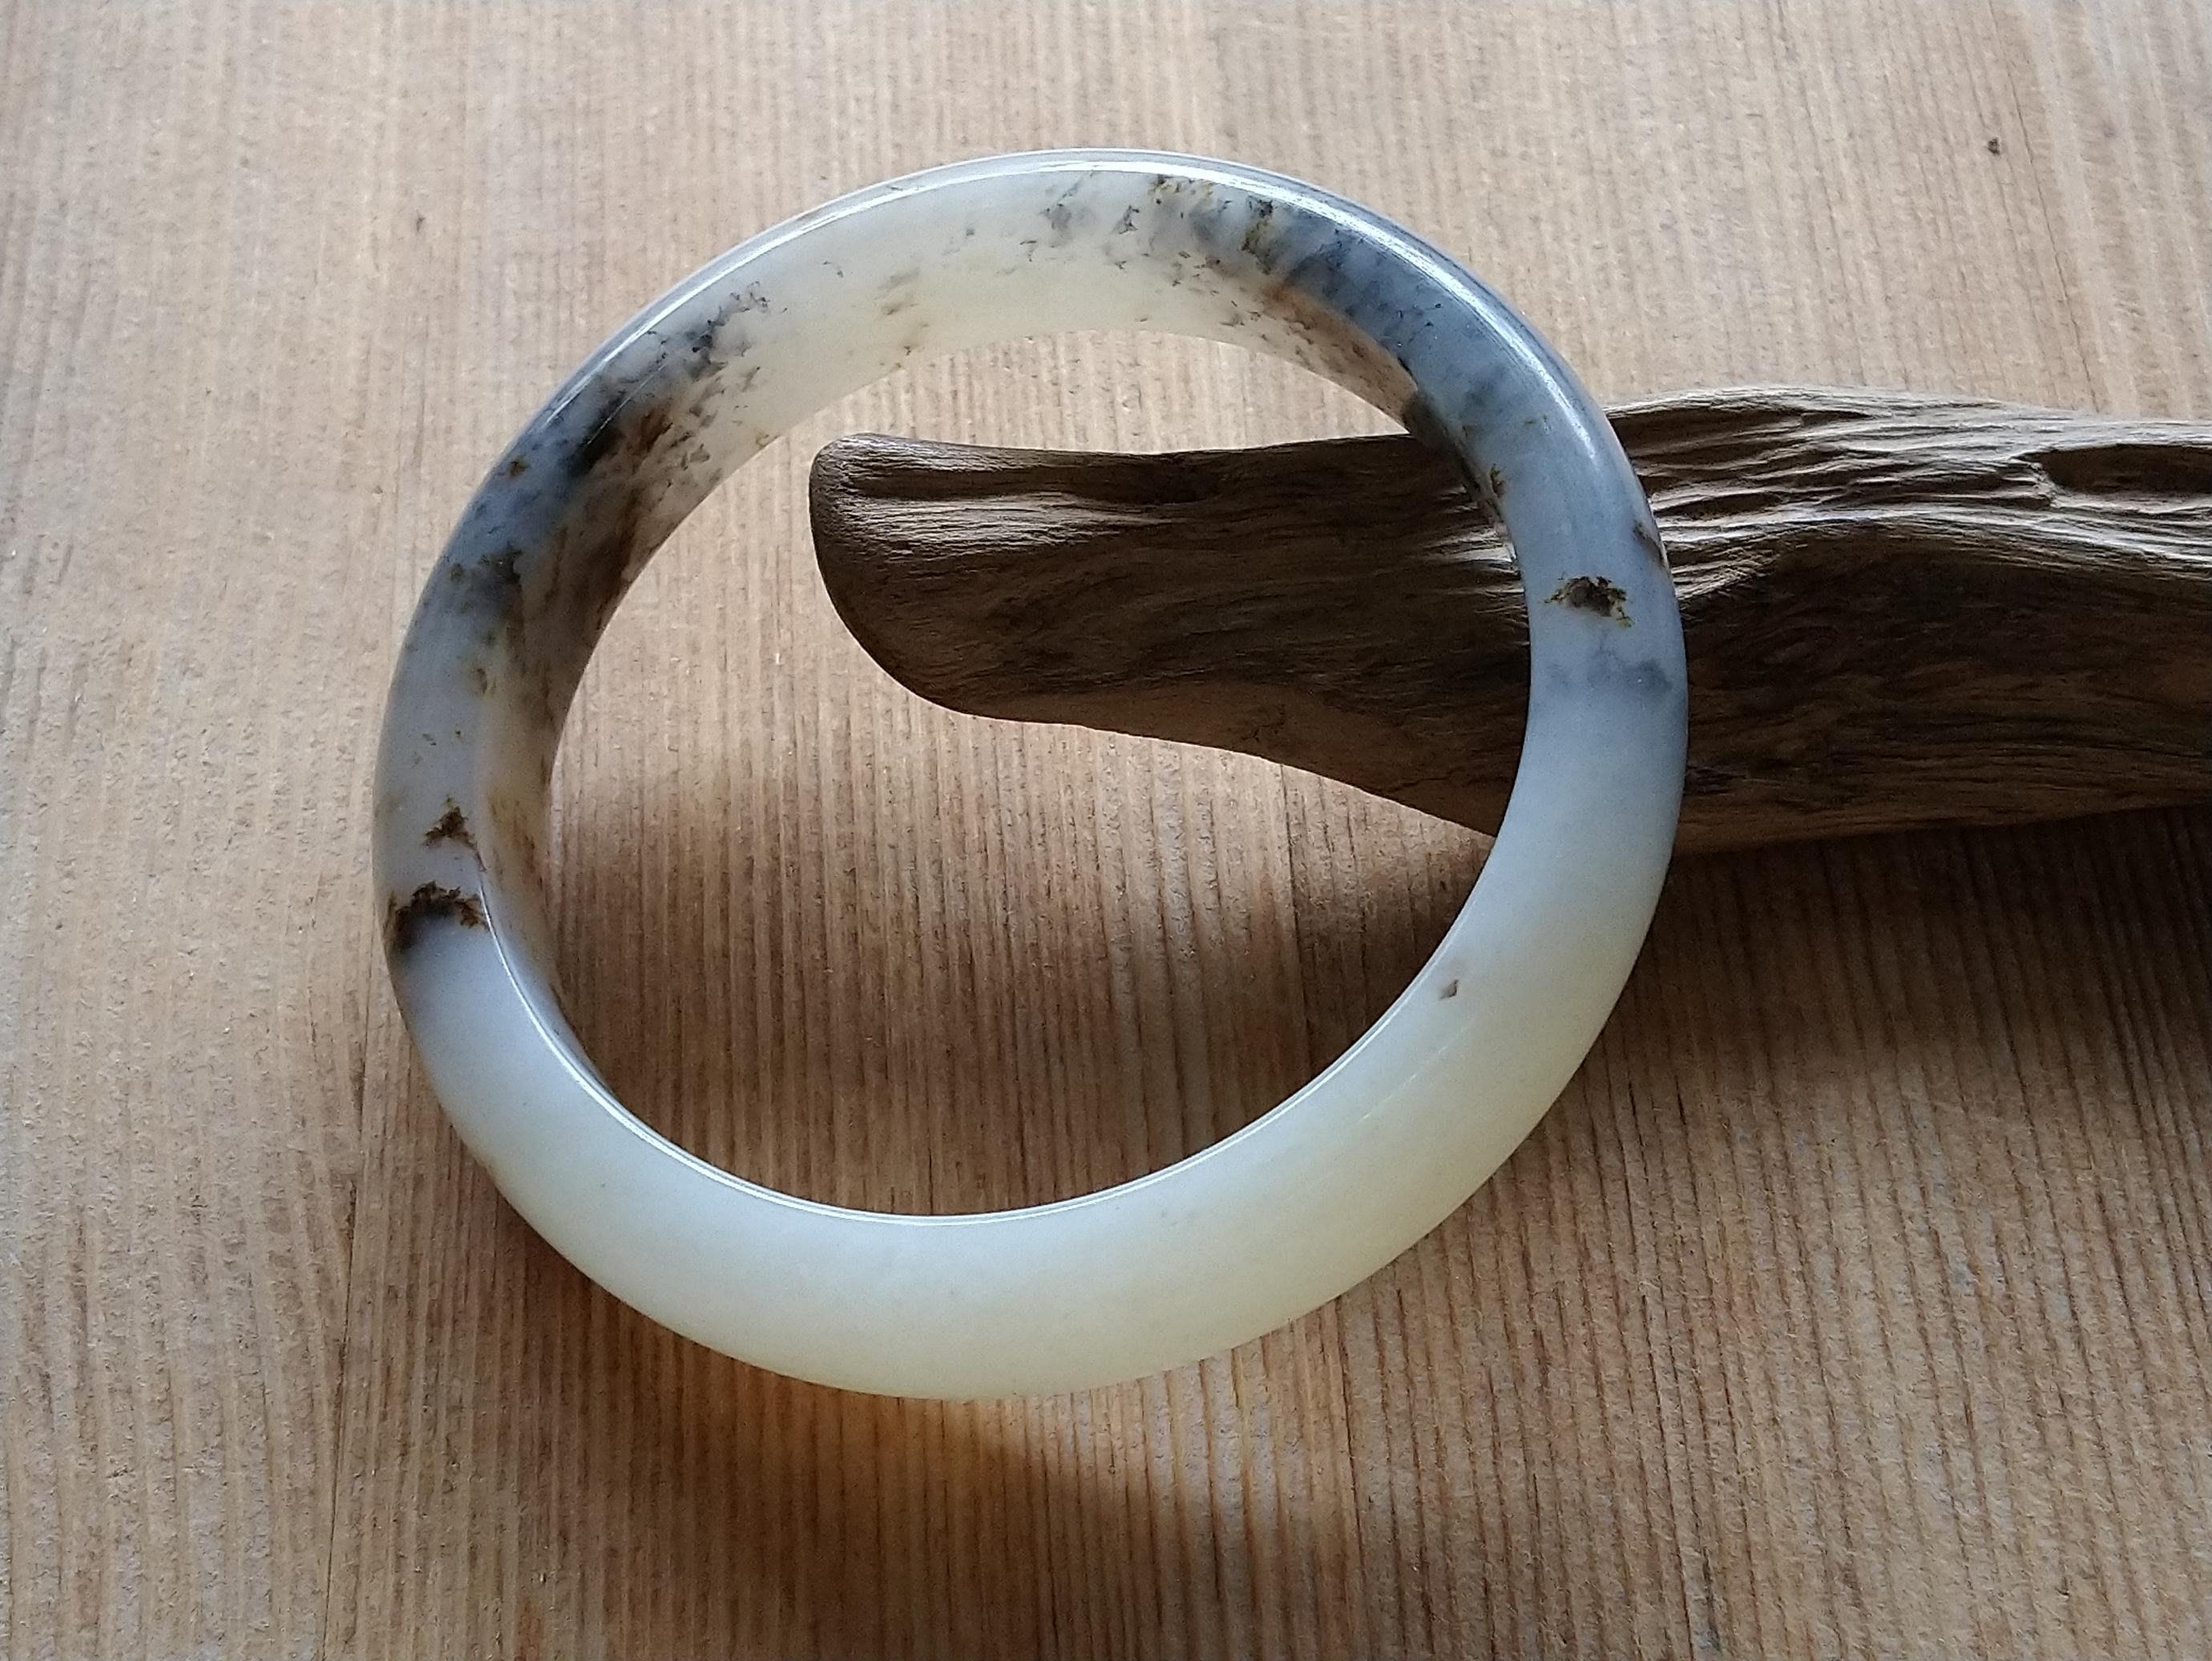 簡單Simple。現貨。10389號天然新疆和闐玉/和田玉青花籽料桂花糕手鐲子手鐲鐲子手環。內徑57MM